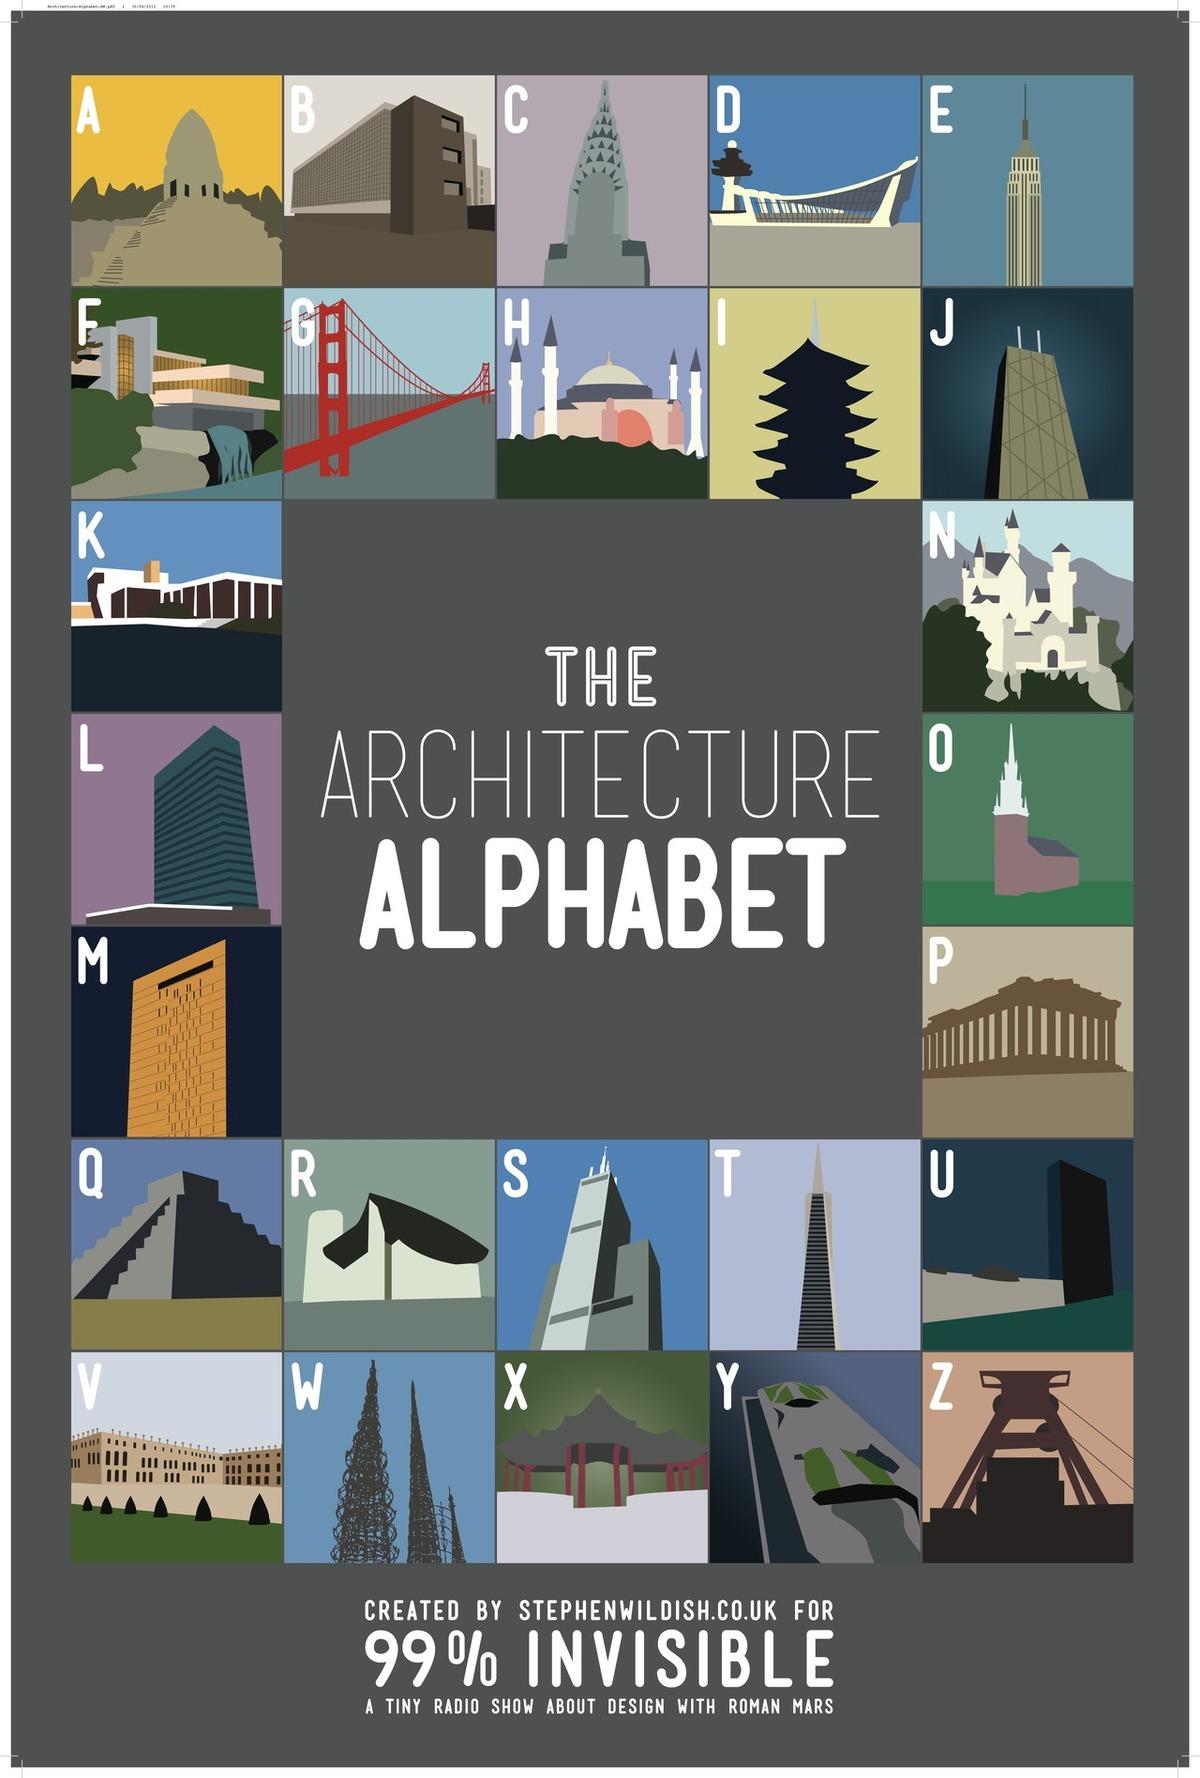 The Architecture Alphabet via 99% Invisible